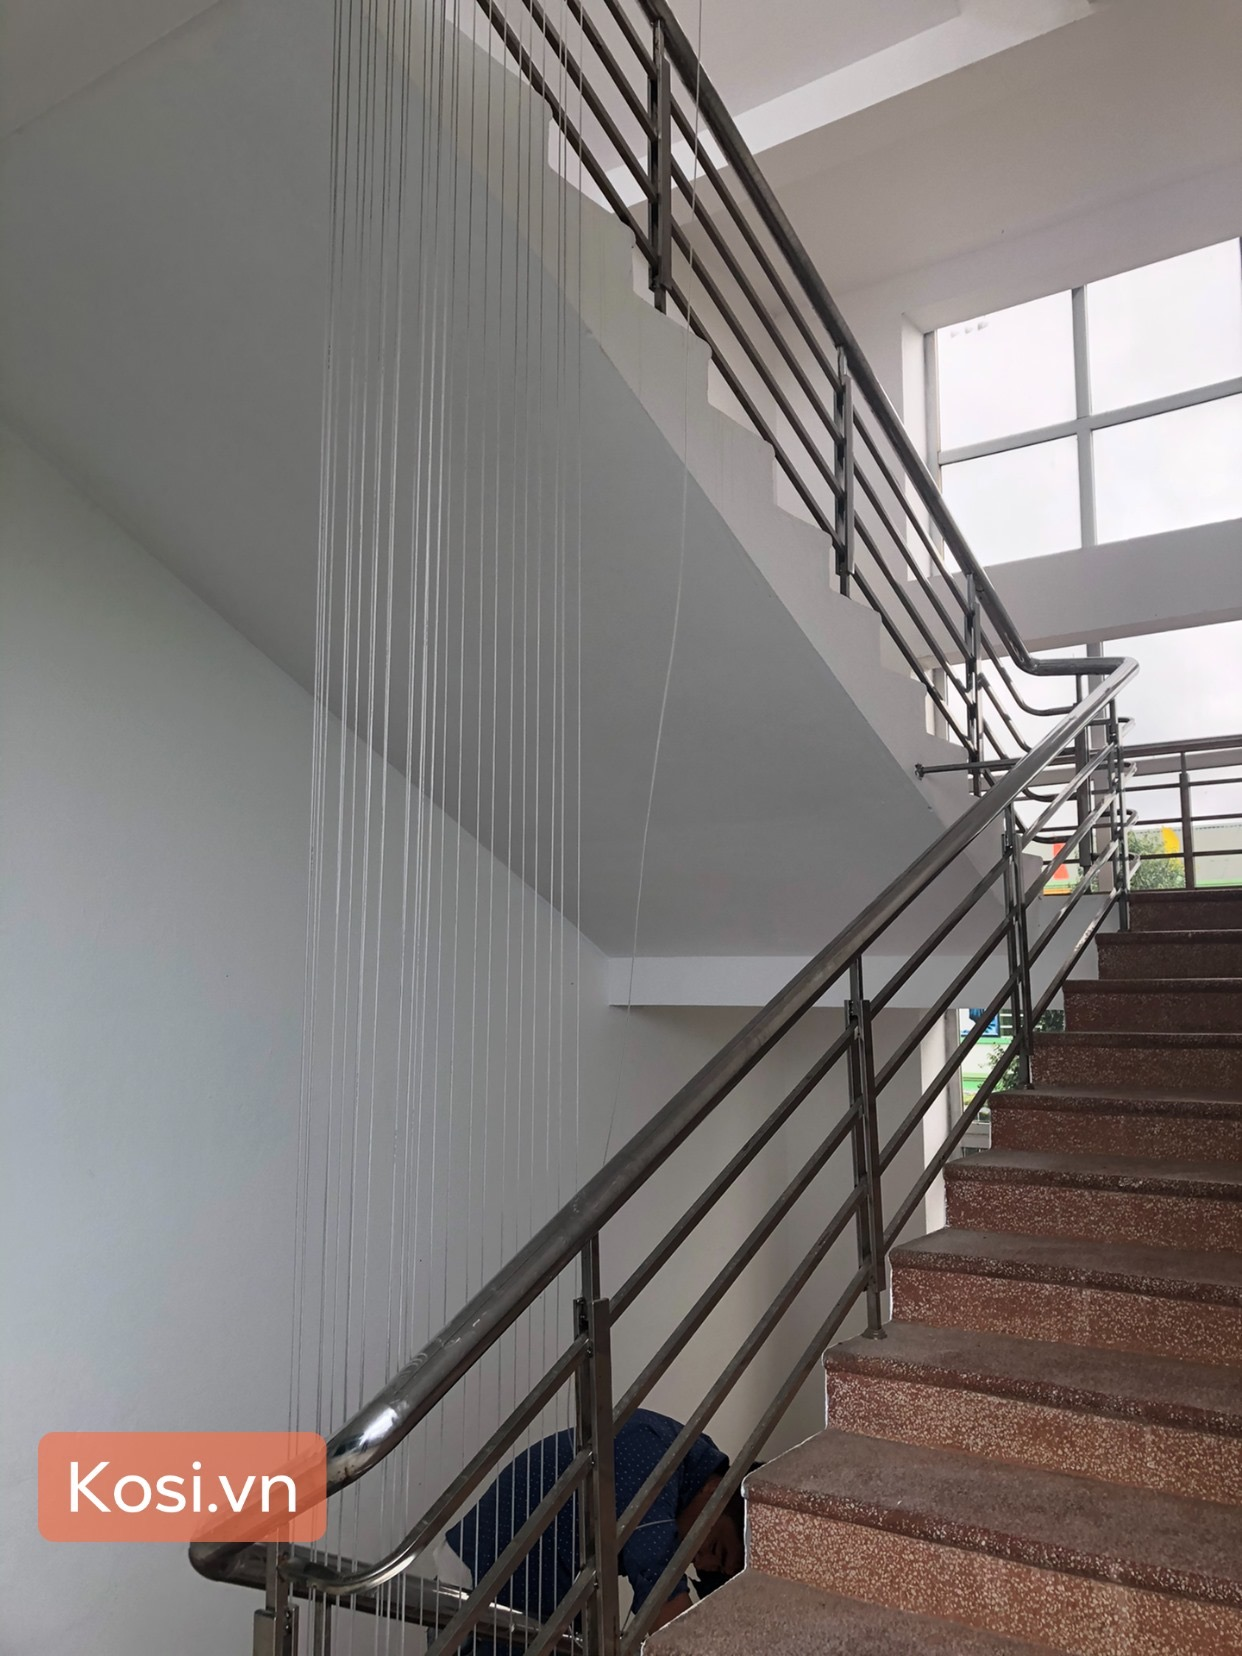 Lắp đặt lưới an toàn ban công - cầu thang cho trường Phù Đổng Thanh Hóa 3